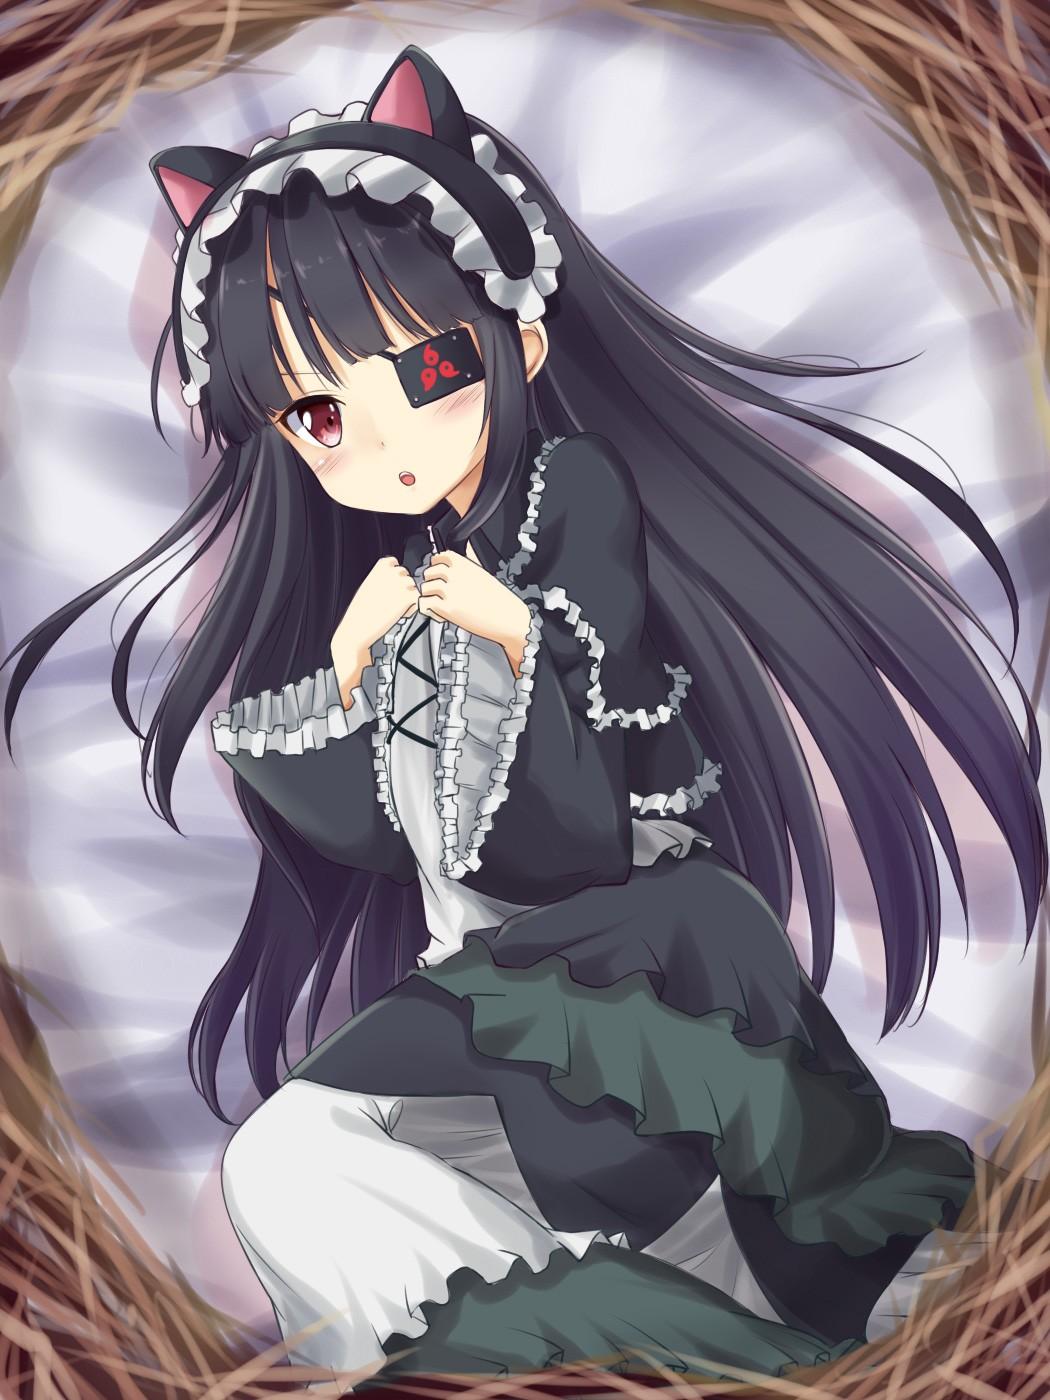 Wallpaper : illustration, long hair, anime girls, animal ...